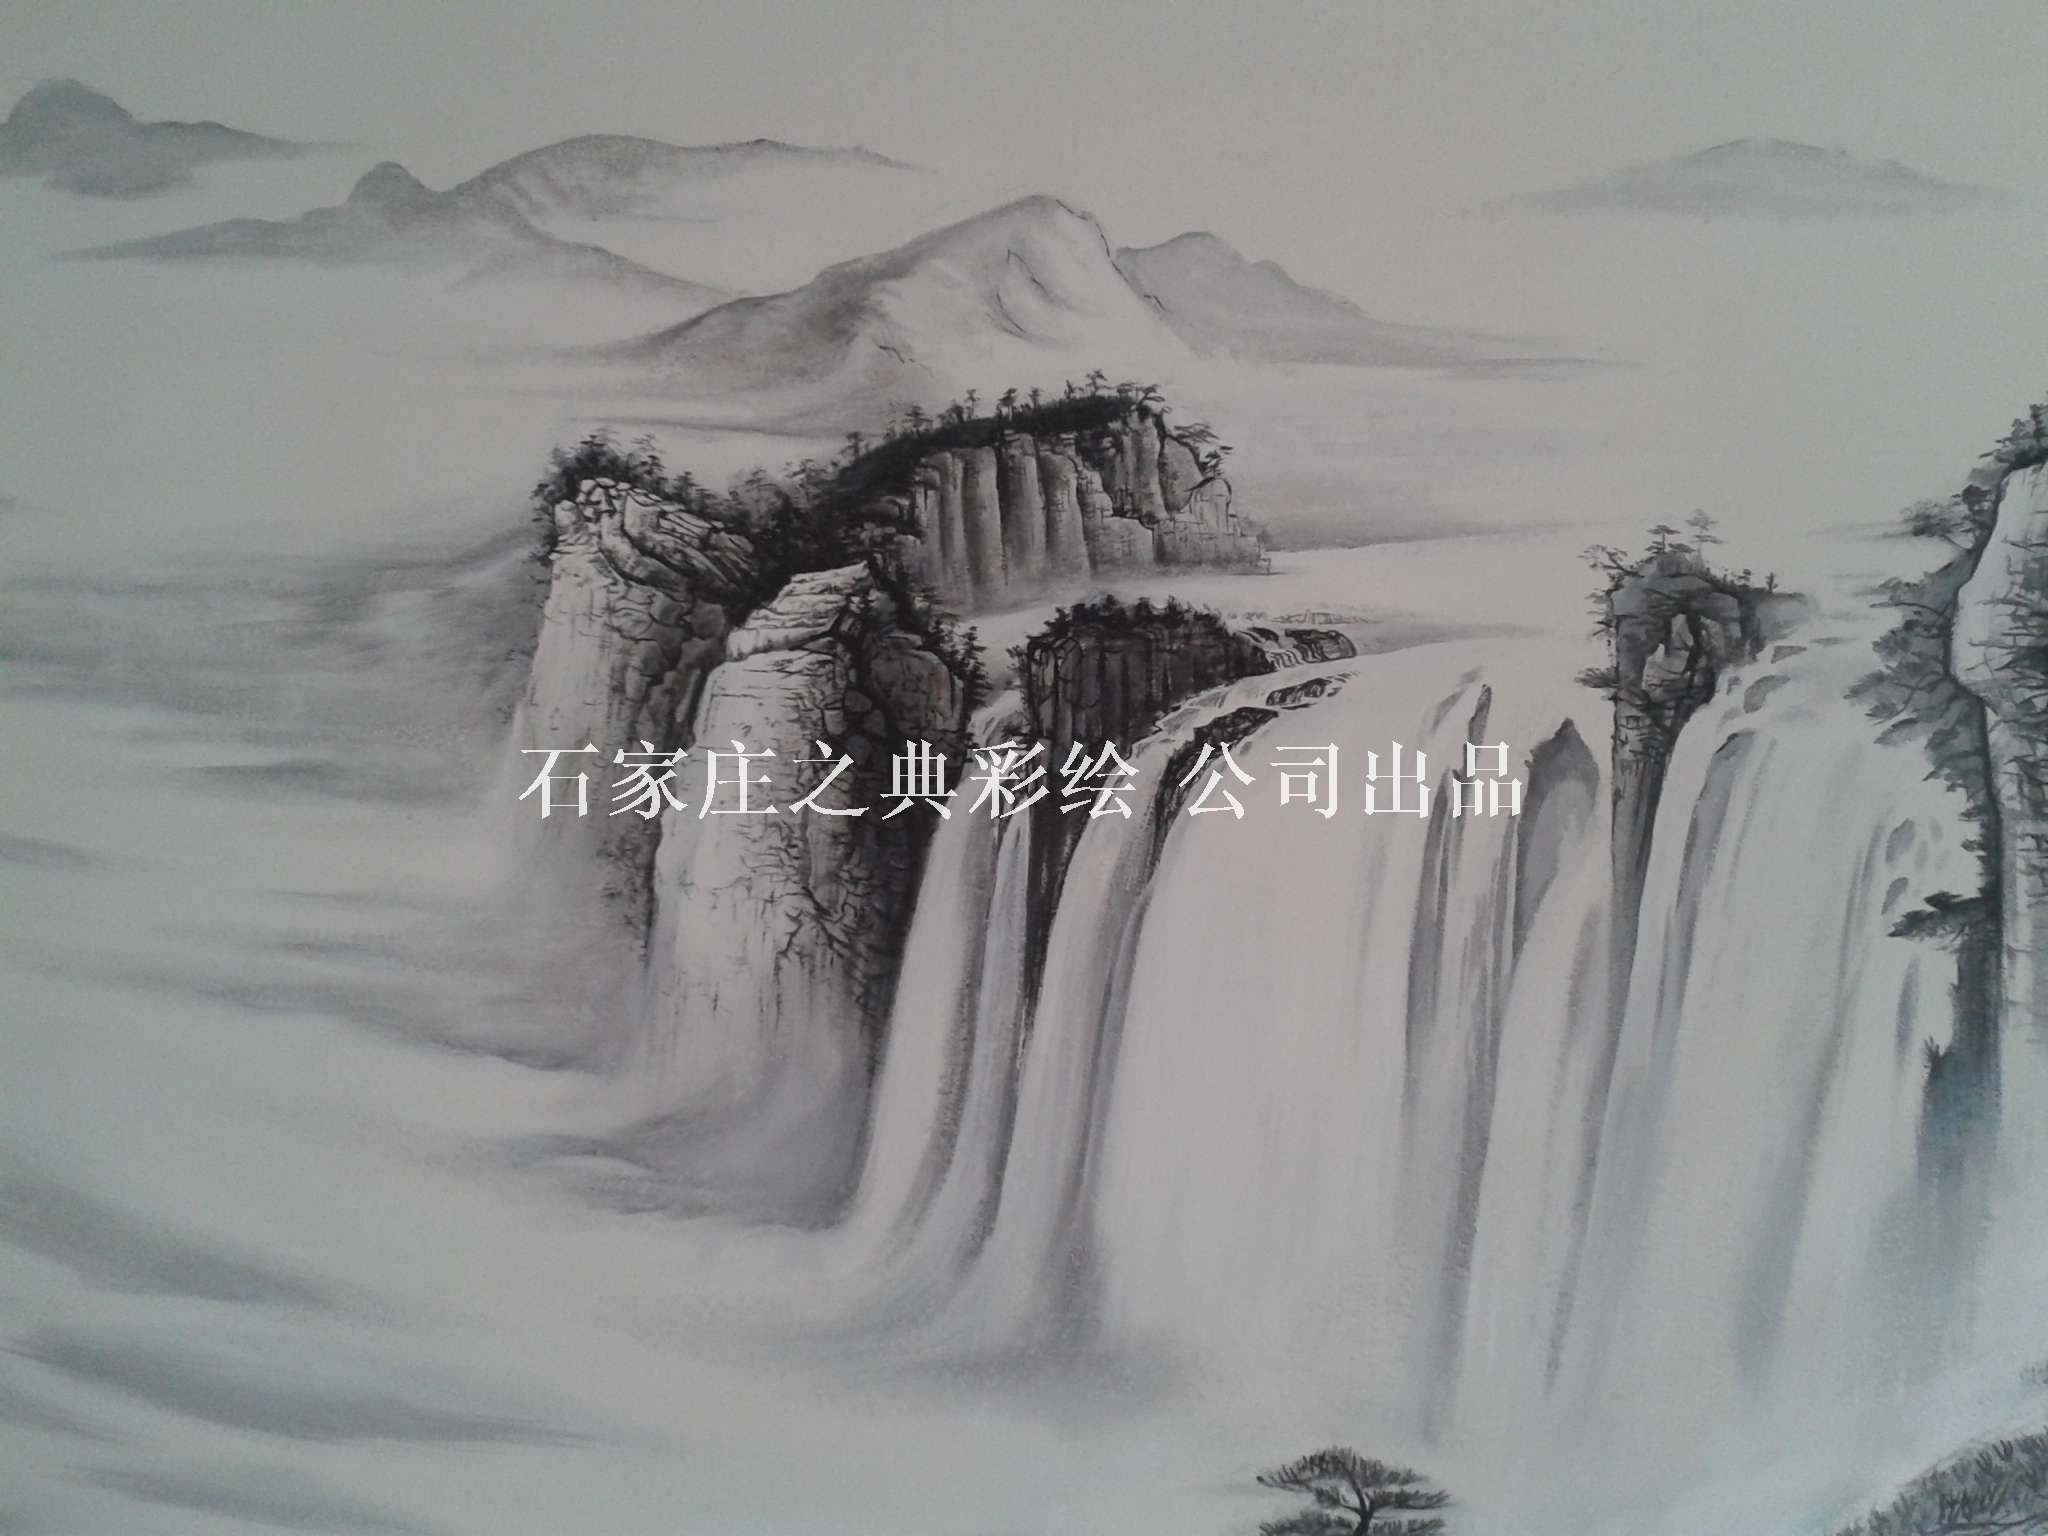 墙体彩绘山水画《春江富水》|手绘背景墙画 - ▊之典